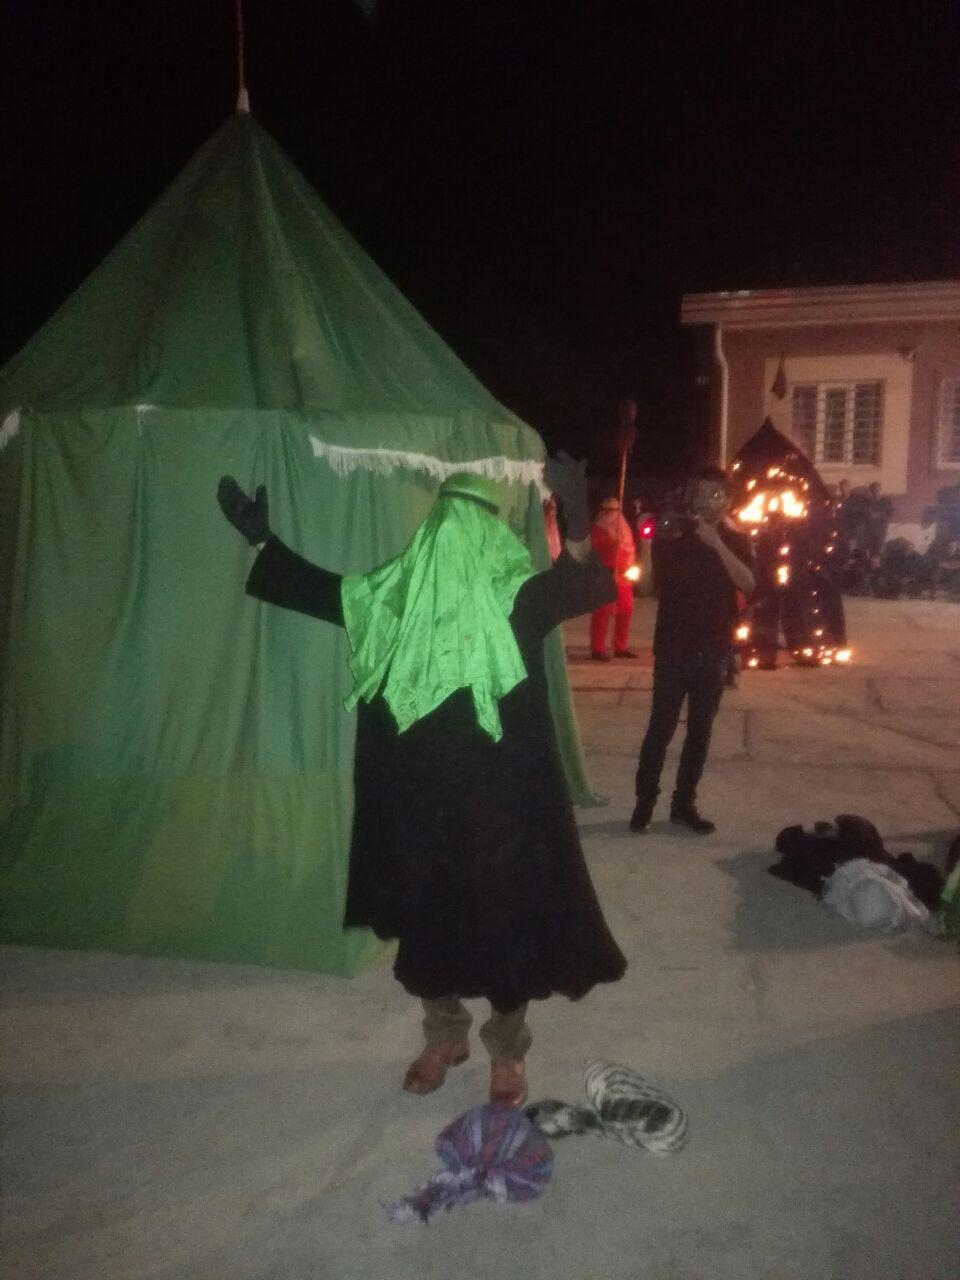 خیمه سوزان در روستای آلوکلاته3